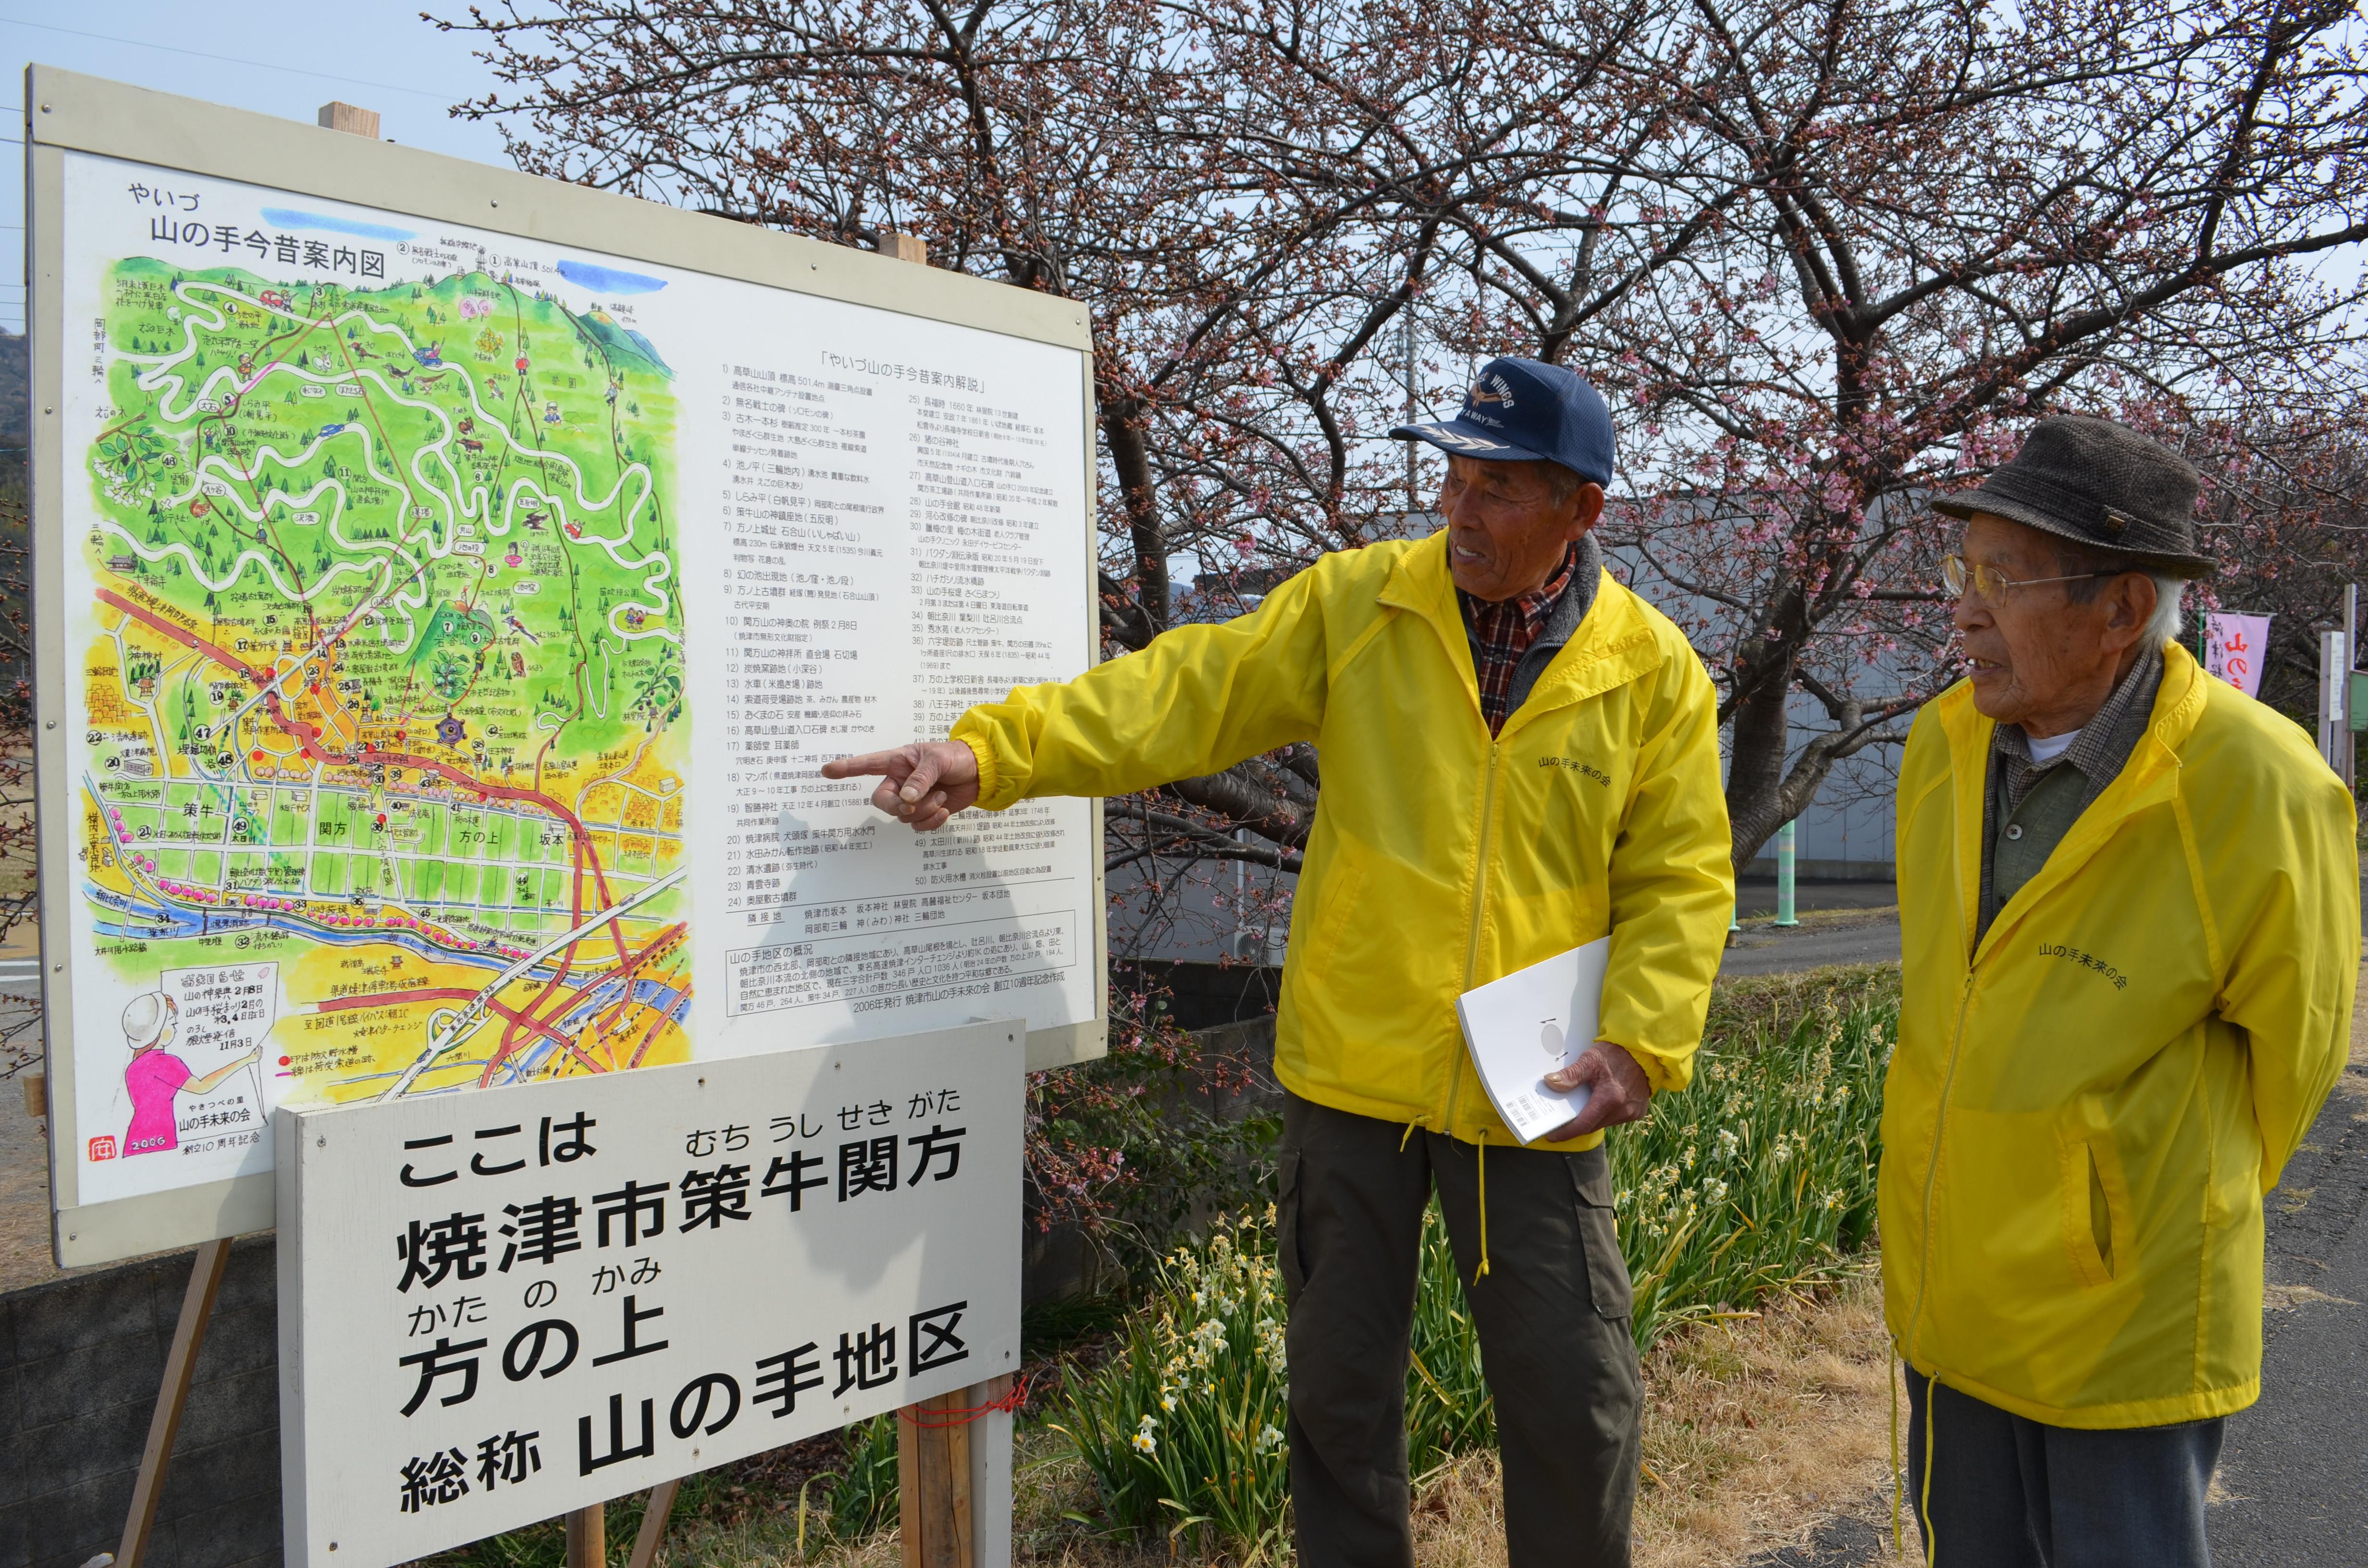 「焼津市山の手未来の会」が設置した案内看板の前で説明する現会長の山田宏さん(左)と初代会長の永田壽男さん(右